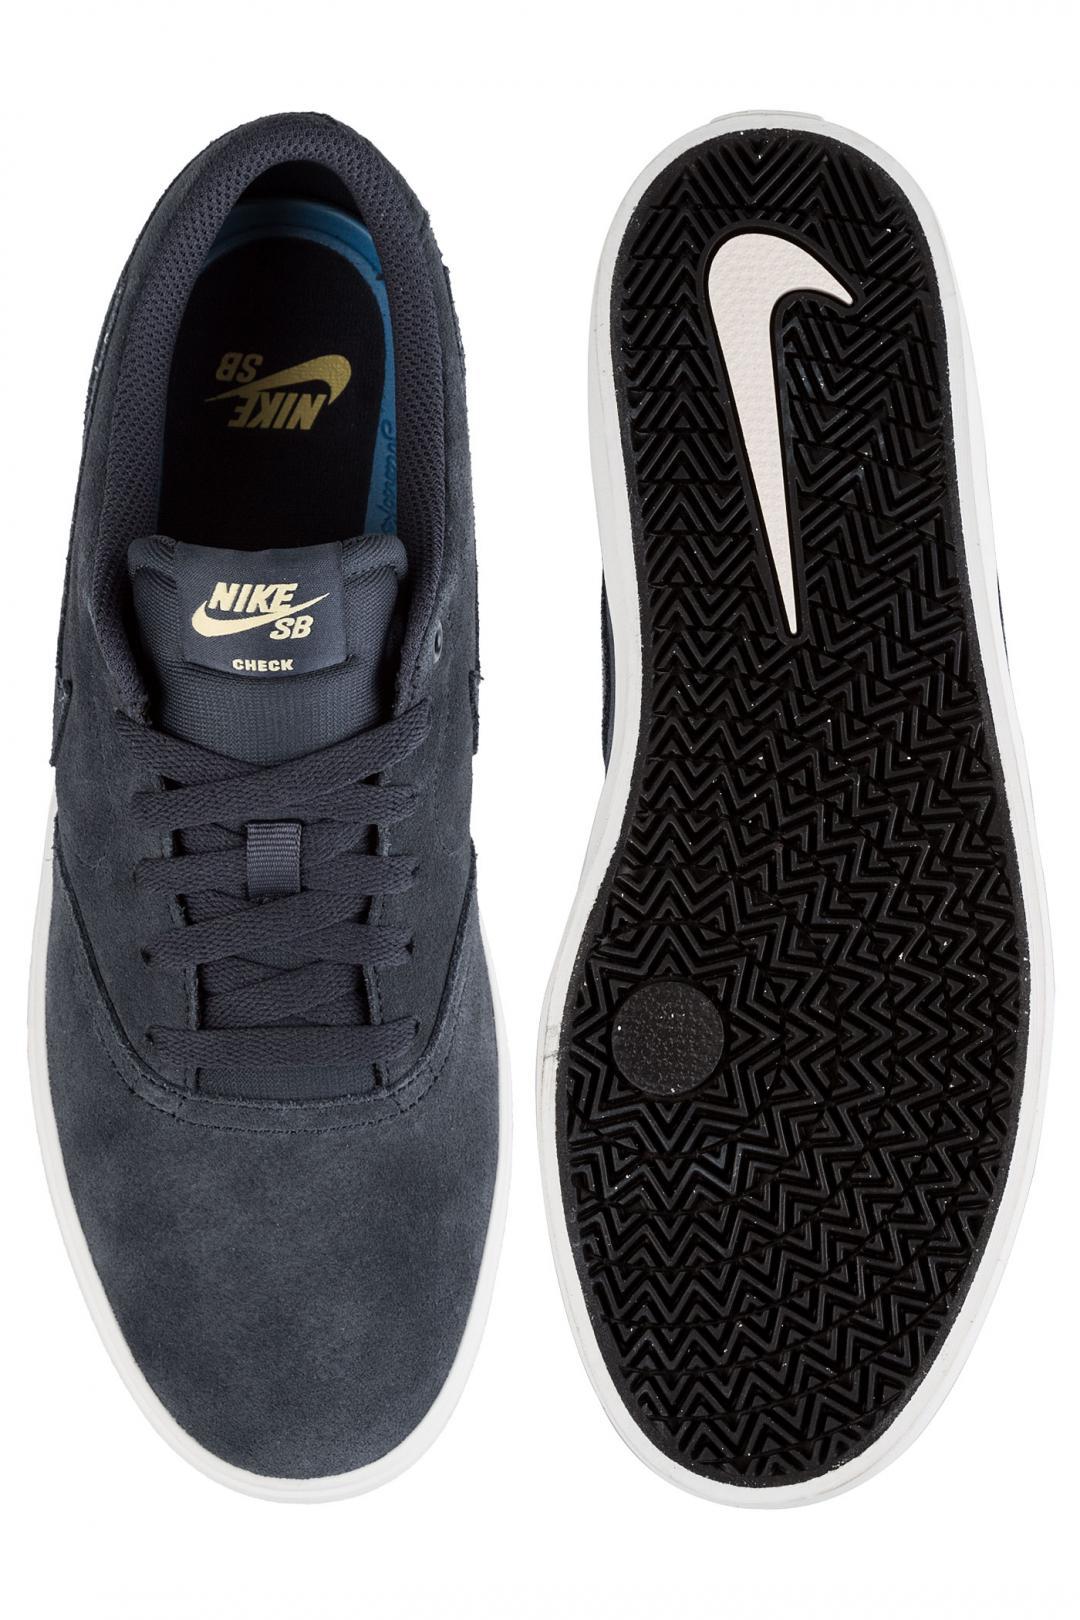 Uomo Nike SB Check Solarsoft thunder blue summit white | Scarpe da skate